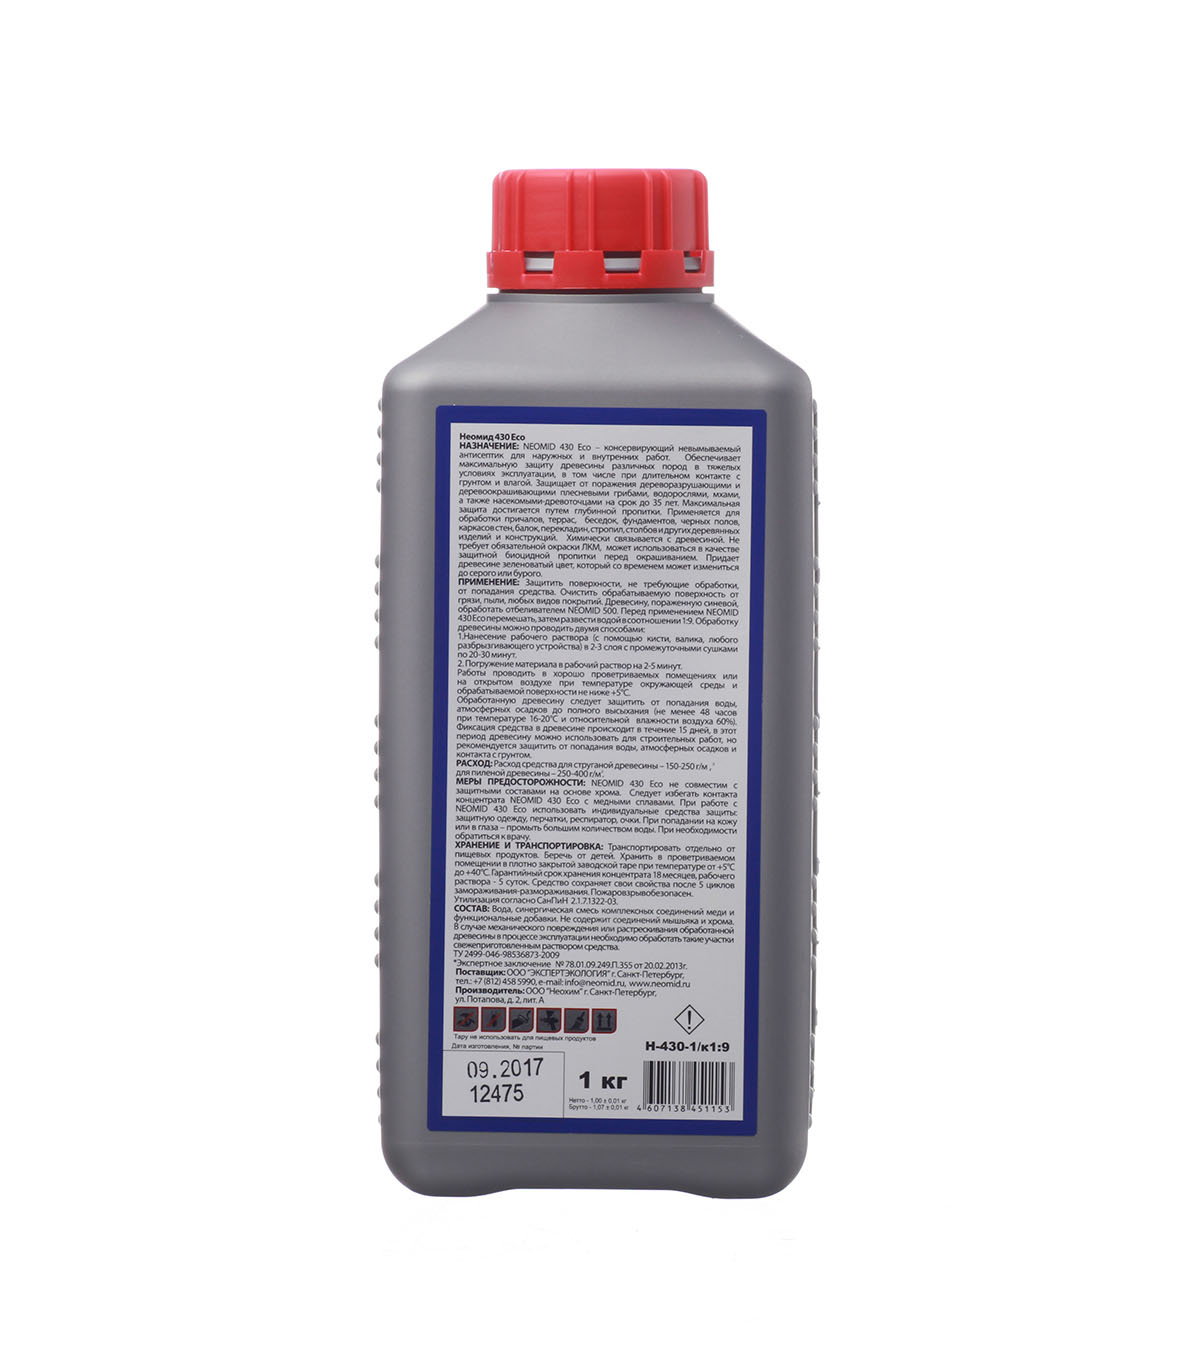 Антисептик Неомид 430 ЕСО невымываемый концентрат 1:9 1 кг